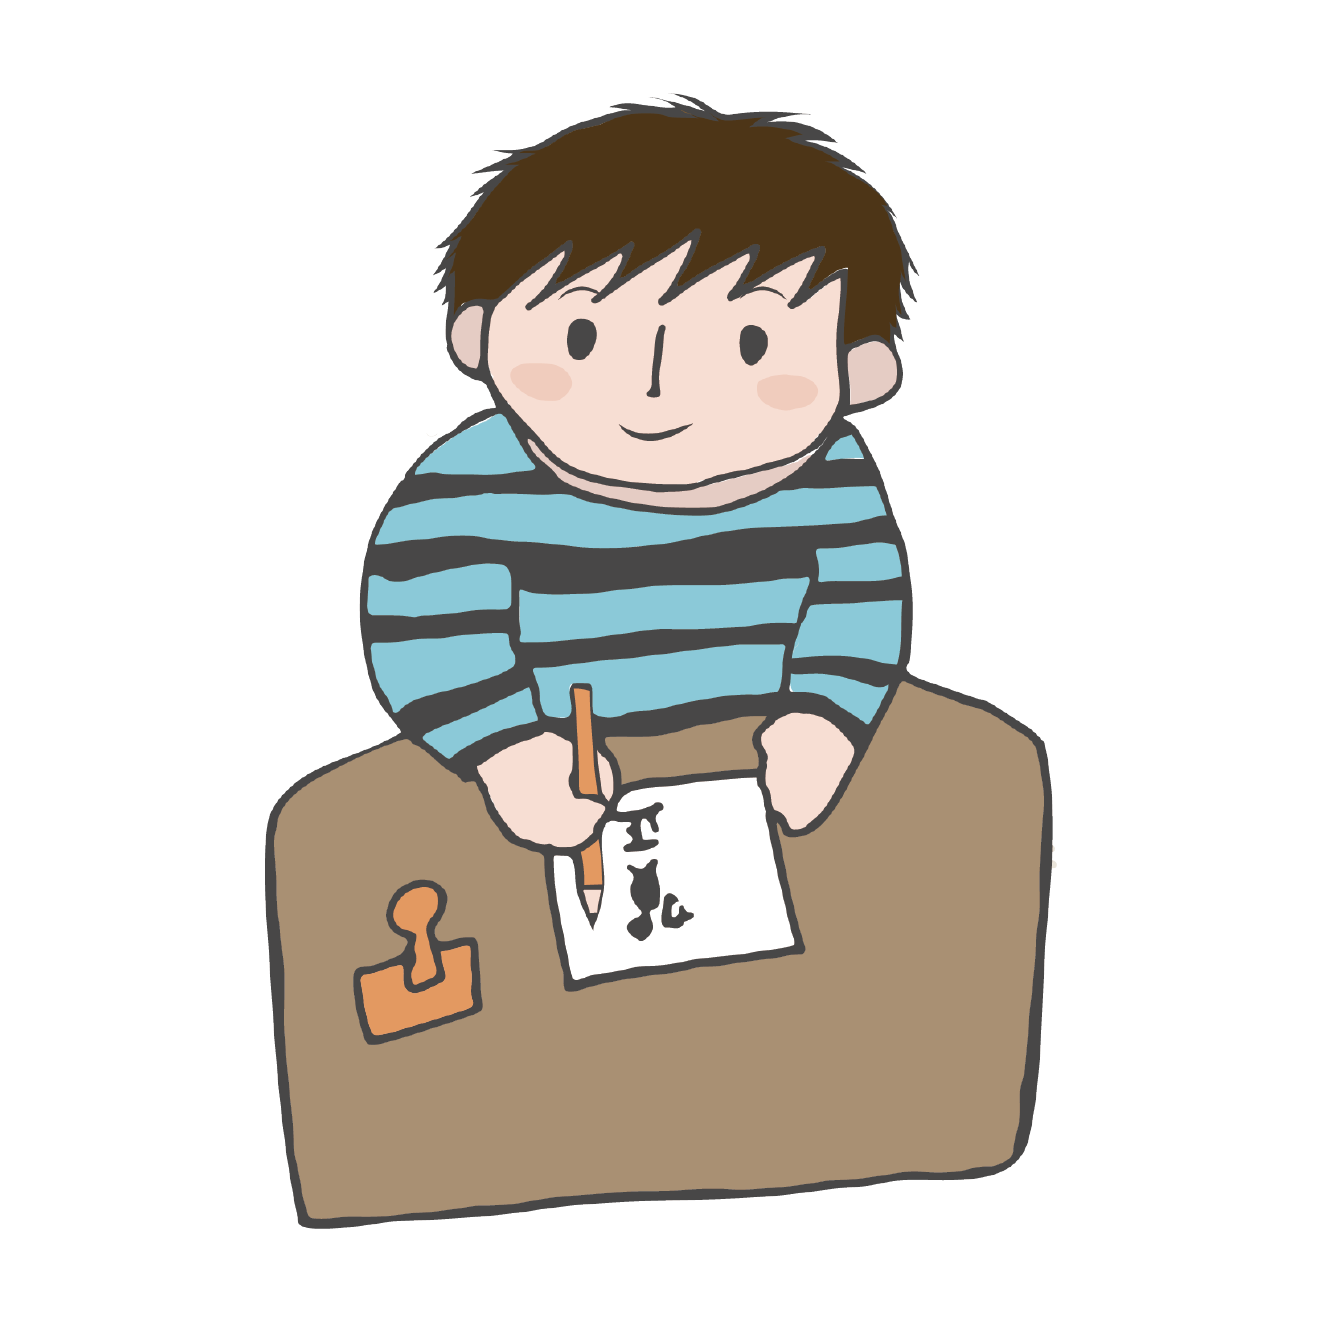 男性が年賀状を書いているイラスト 商用フリー無料のイラスト素材